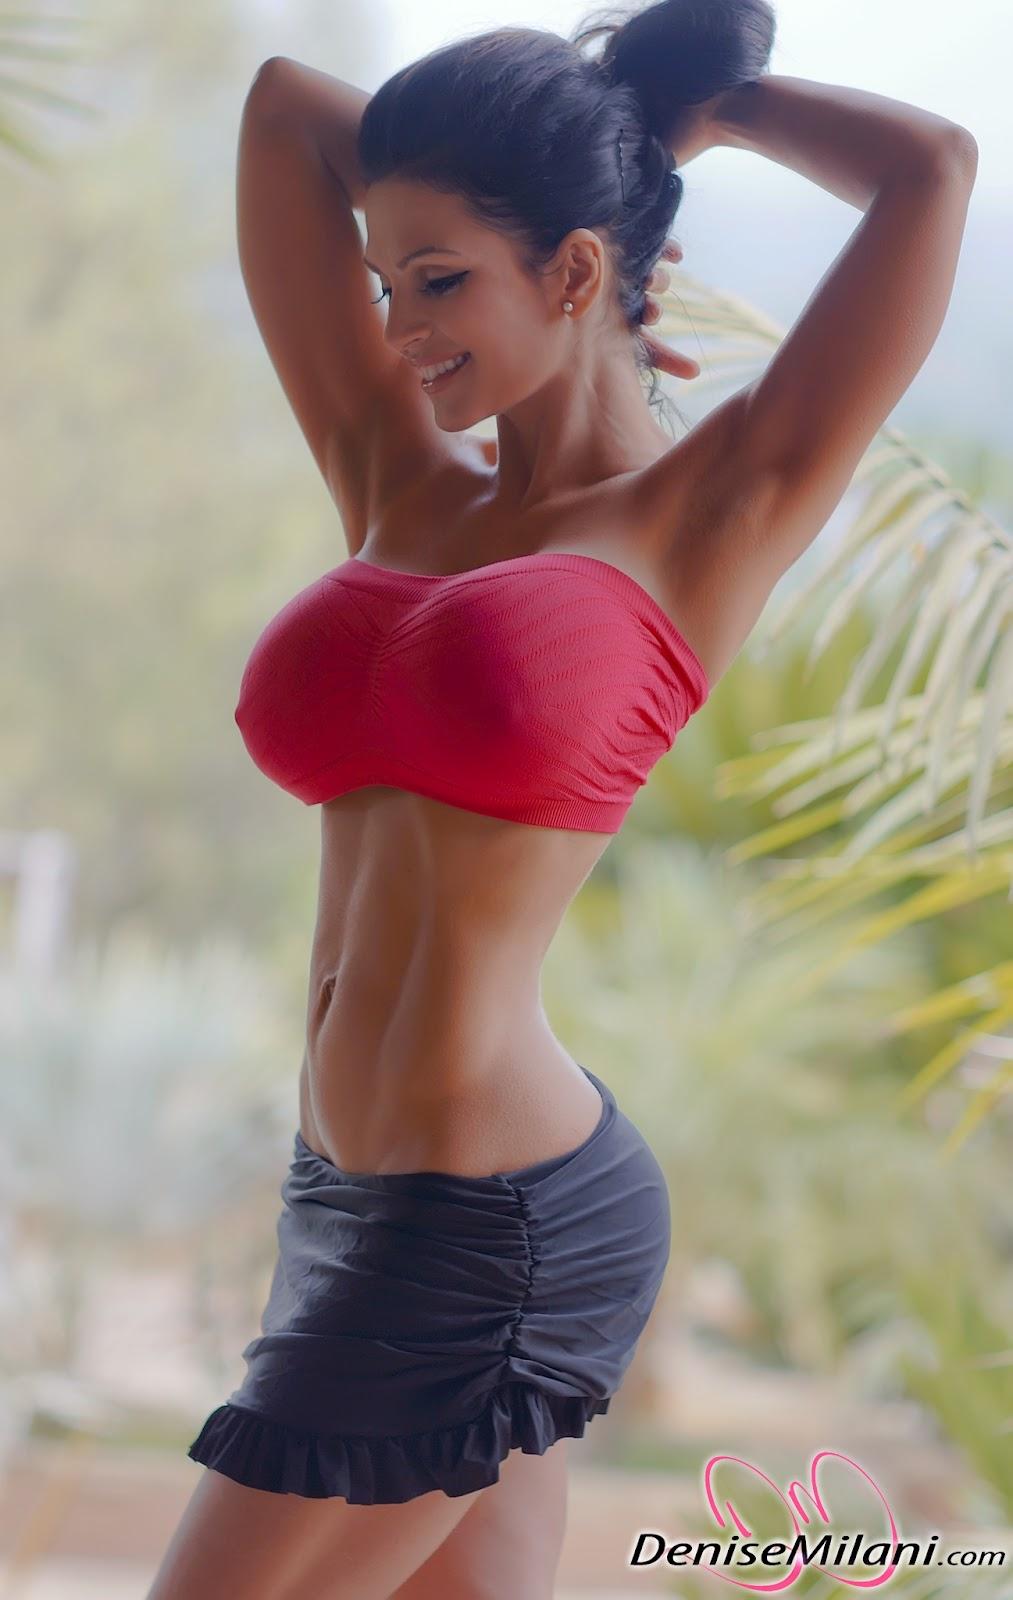 Стройная девочка с пышной грудью 21 фотография